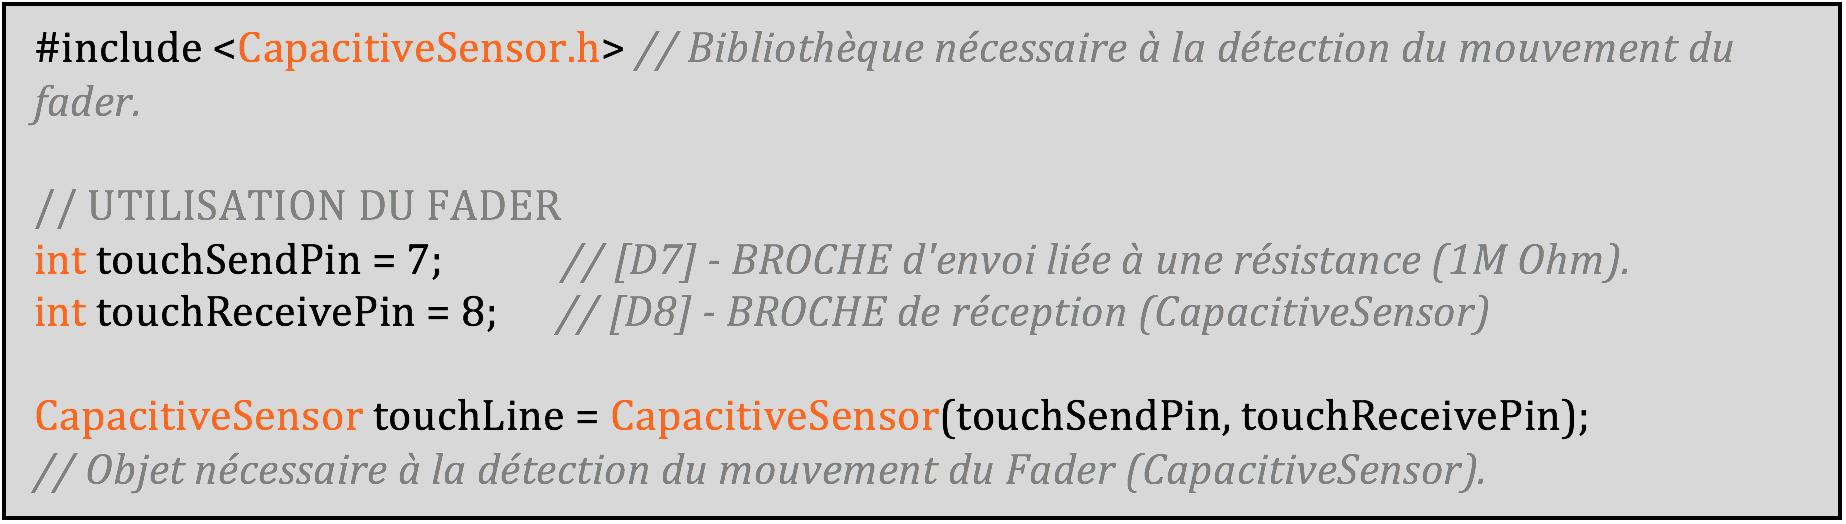 Initialisation de la bibliothèque CapacitiveSensor et de l'objet touchLine.